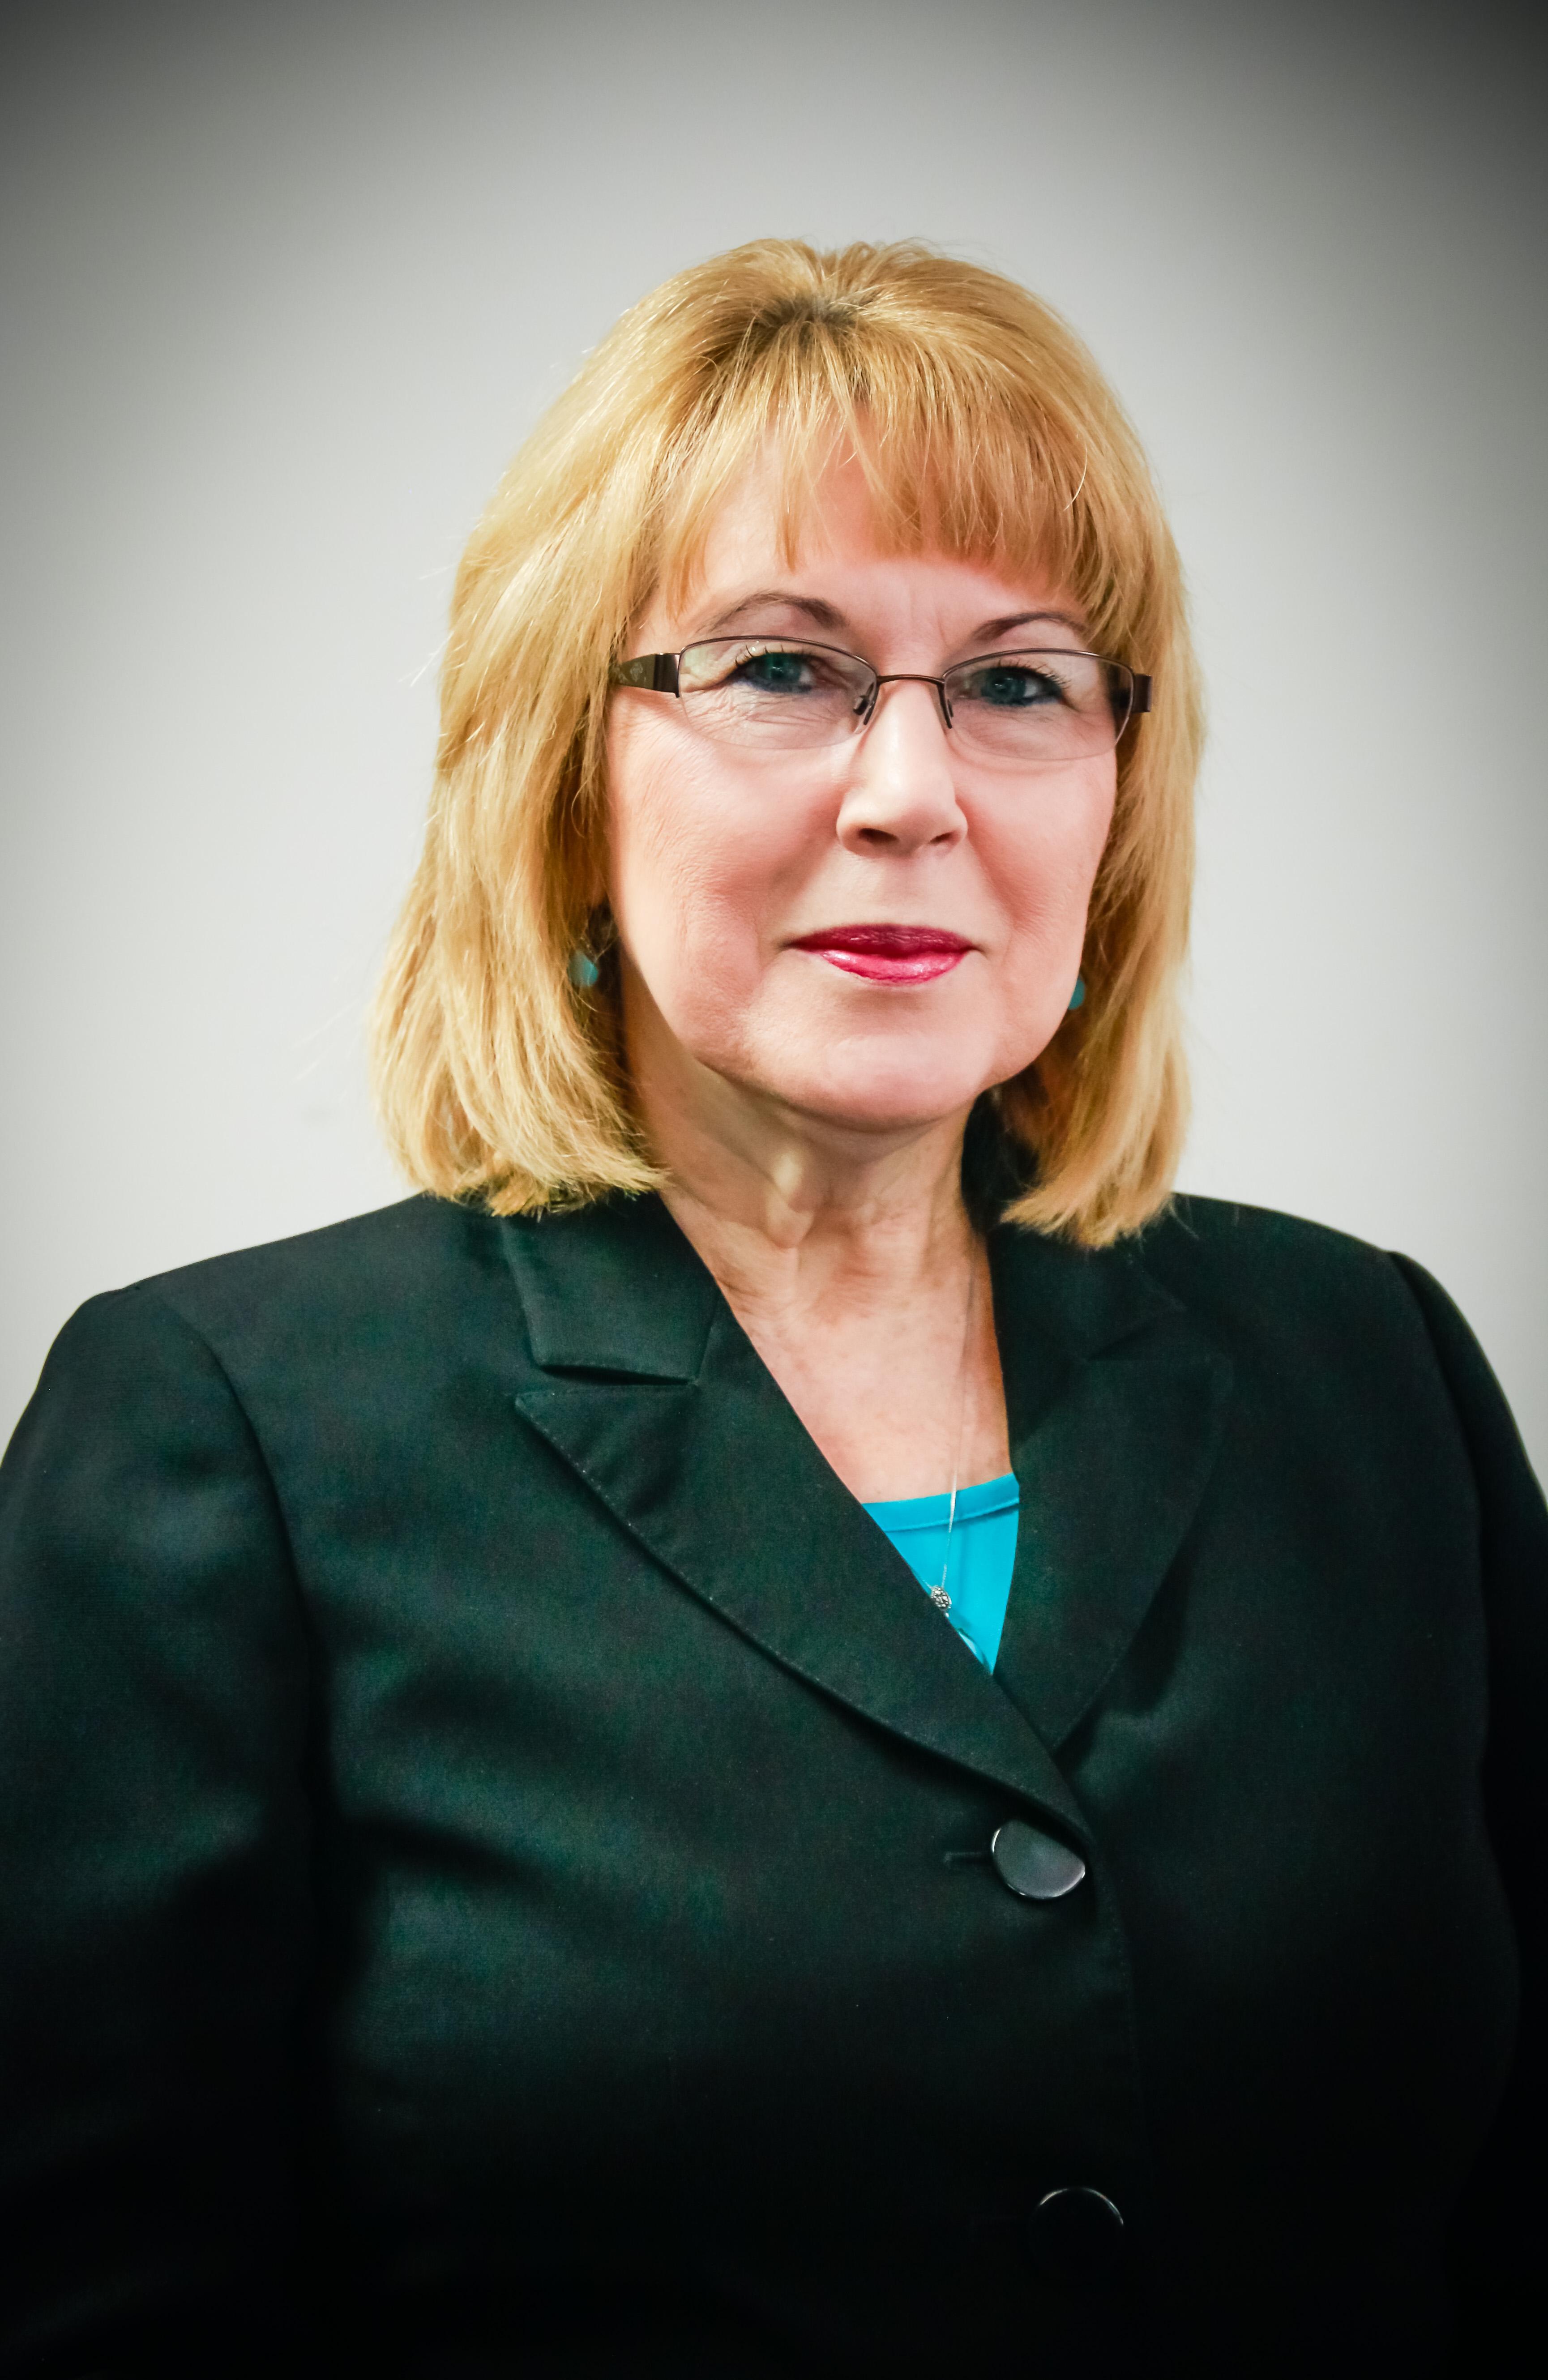 DeniseDenise